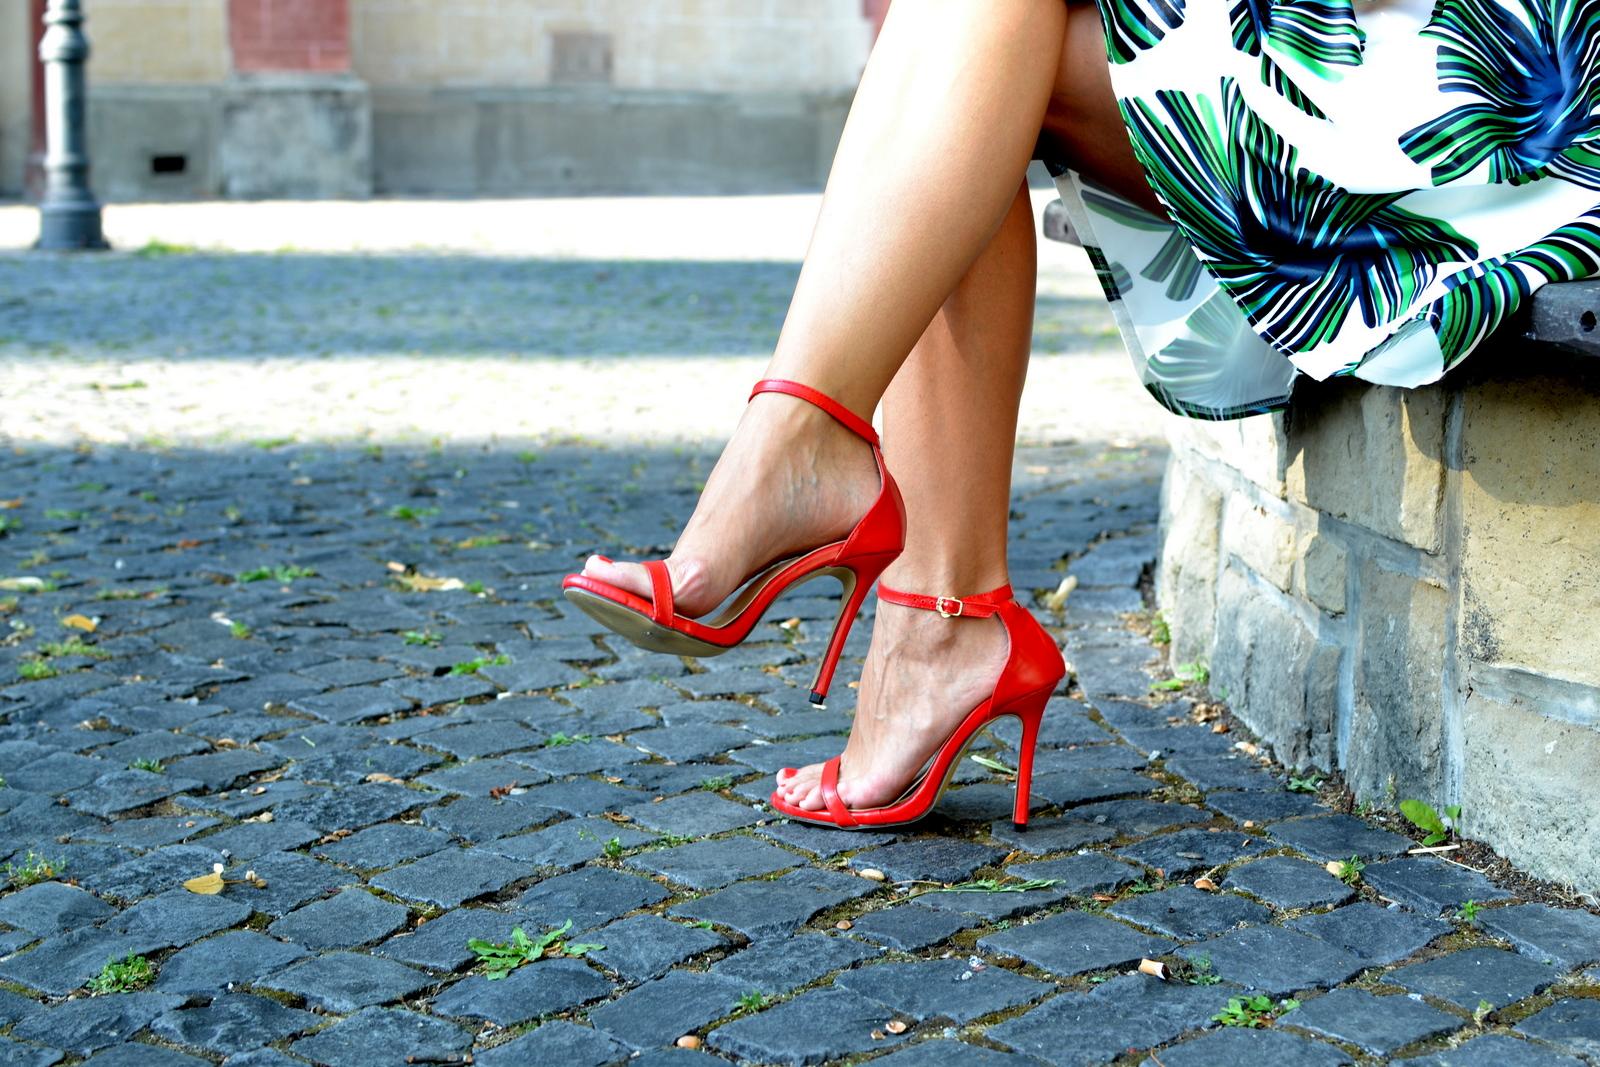 f28b11280f Nohy viac odhaľujeme a teda by sme im mali dopriať viac pozornosti a  produktov